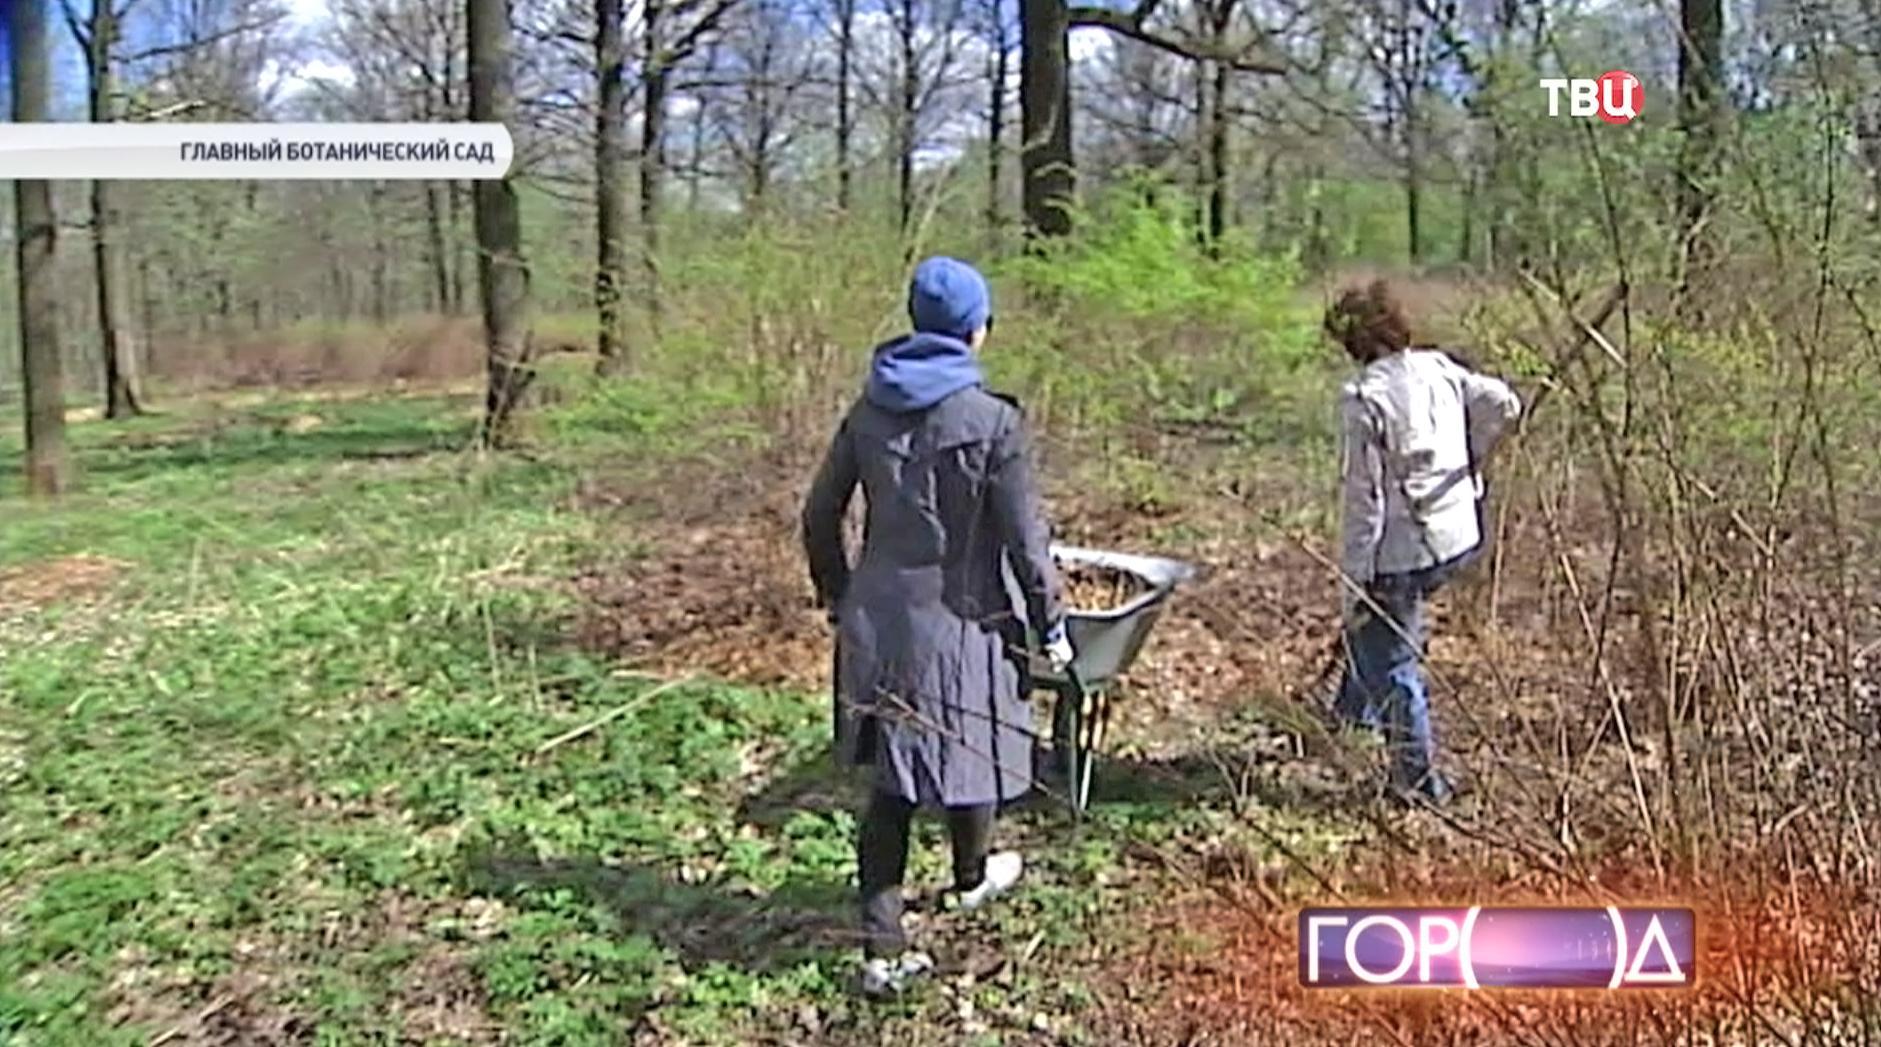 Добровольцы помогают в Ботаническом саду